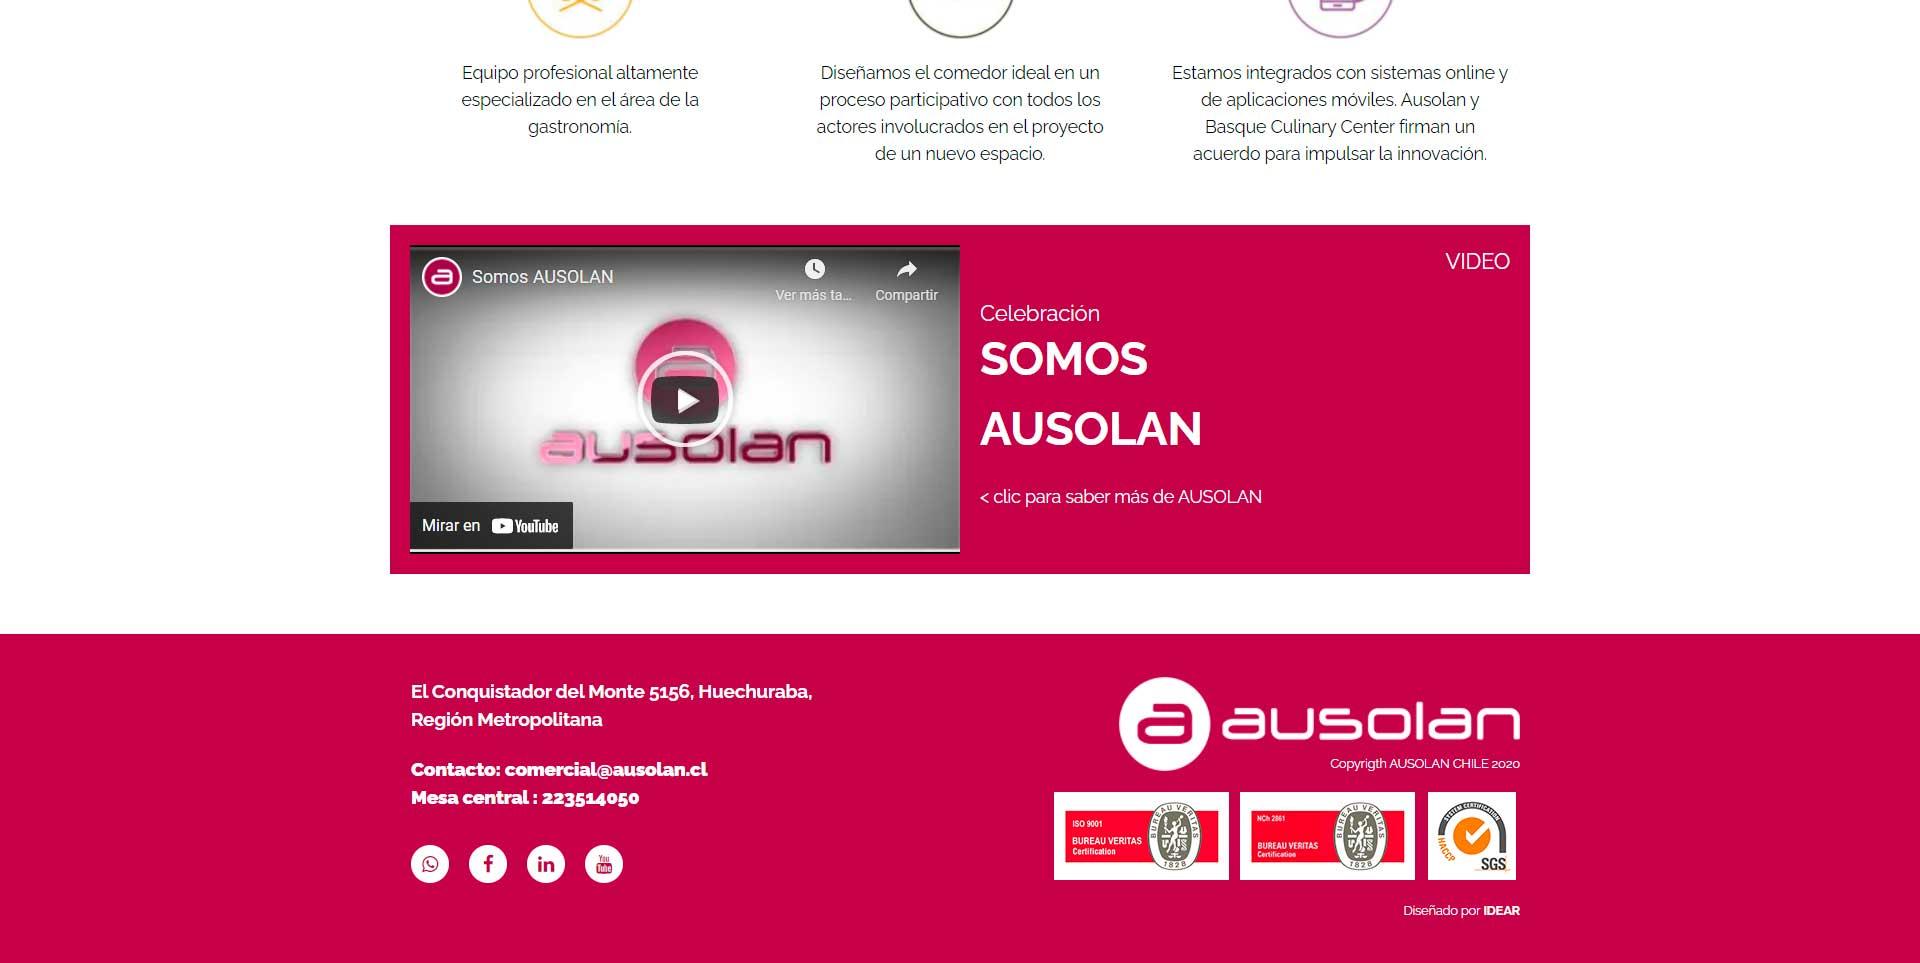 ausolan-005